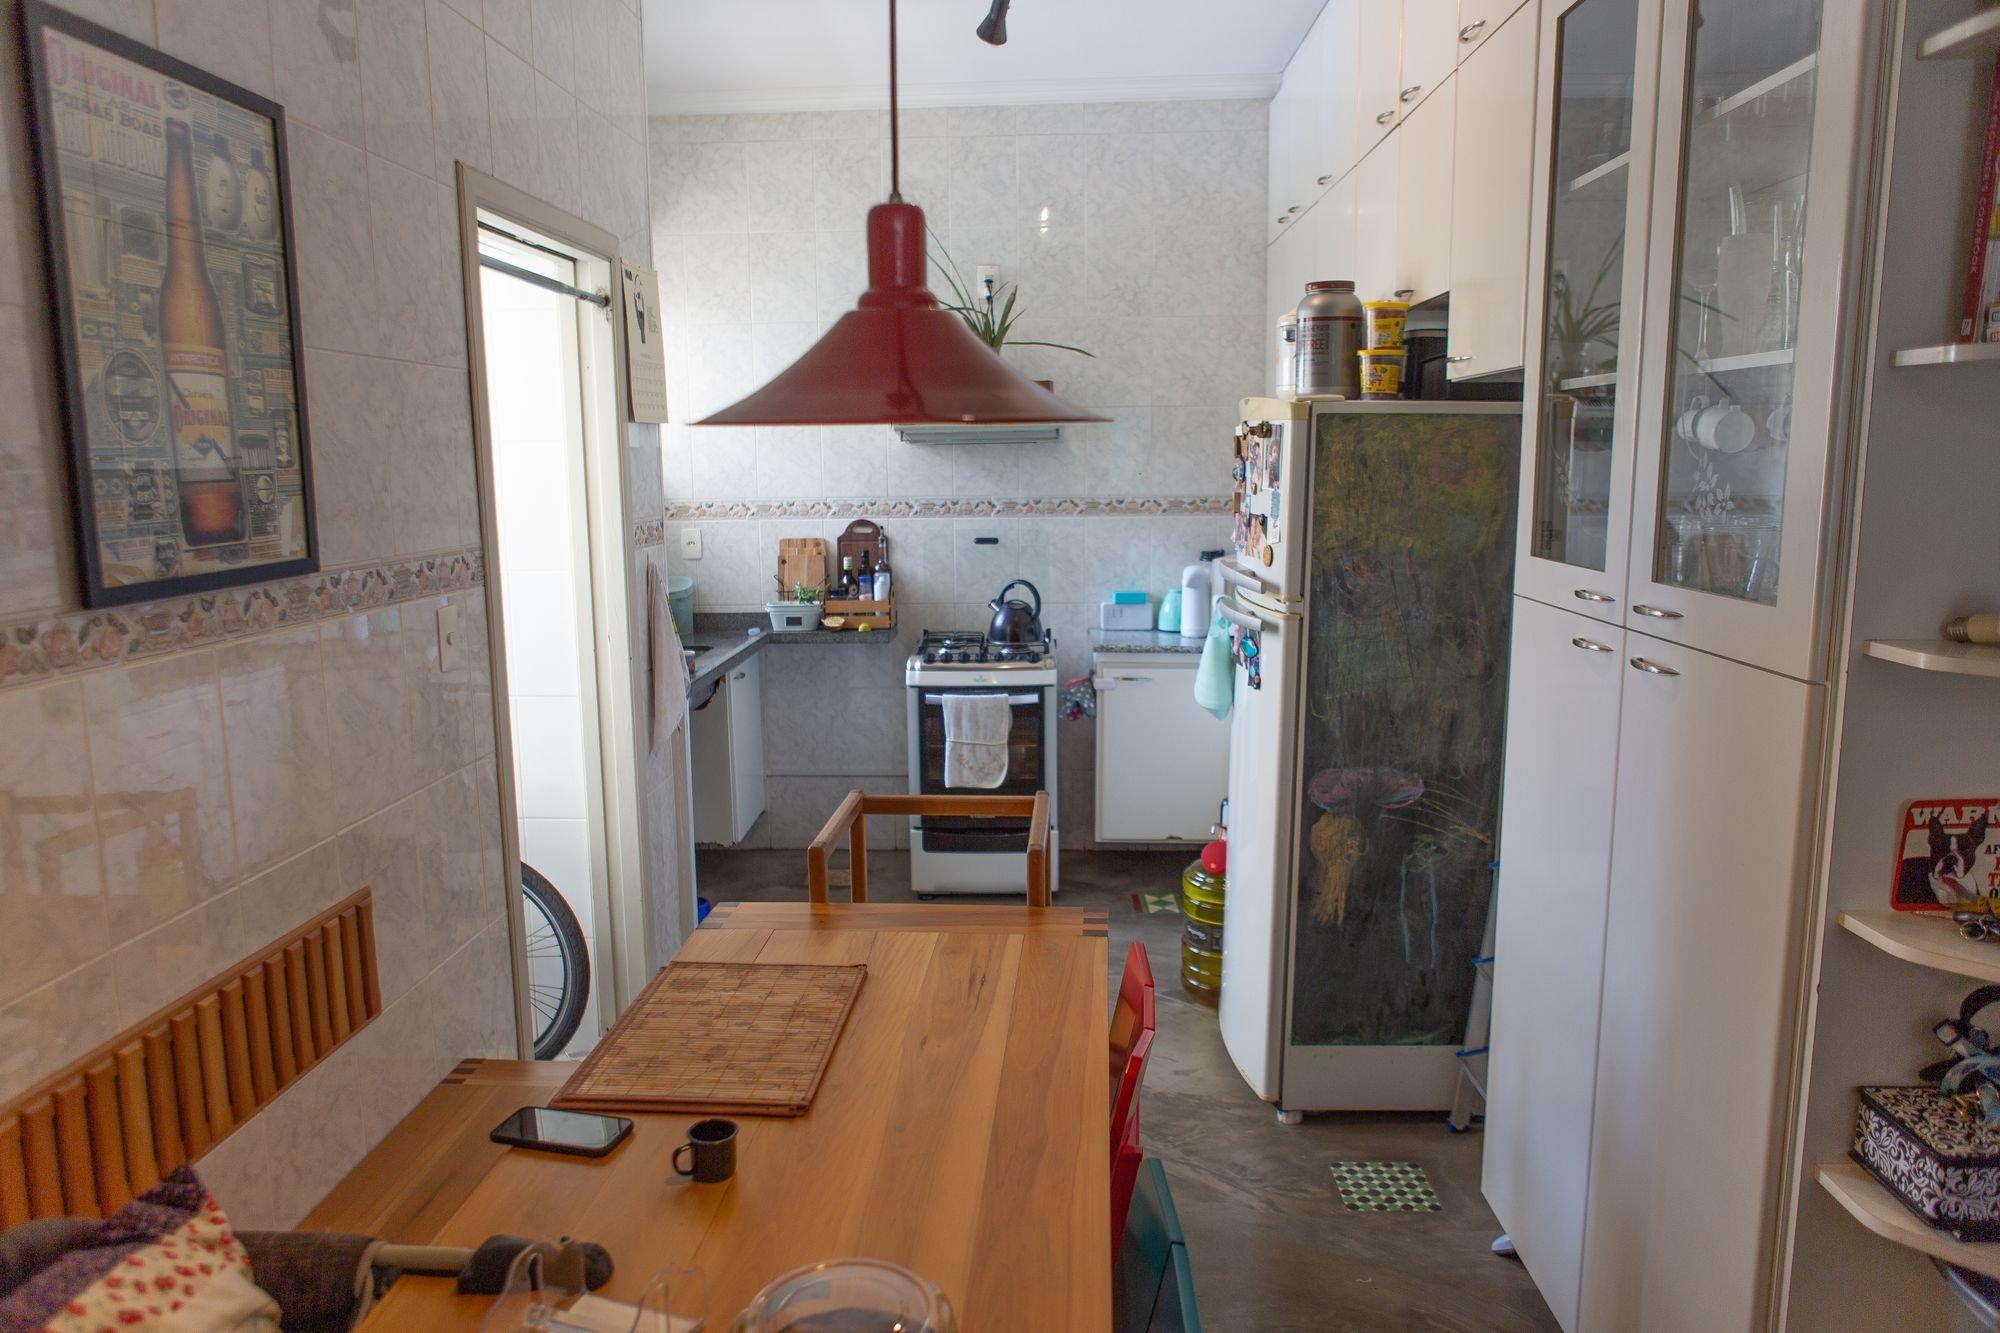 Foto de Cozinha com celular, cadeira, mesa de jantar